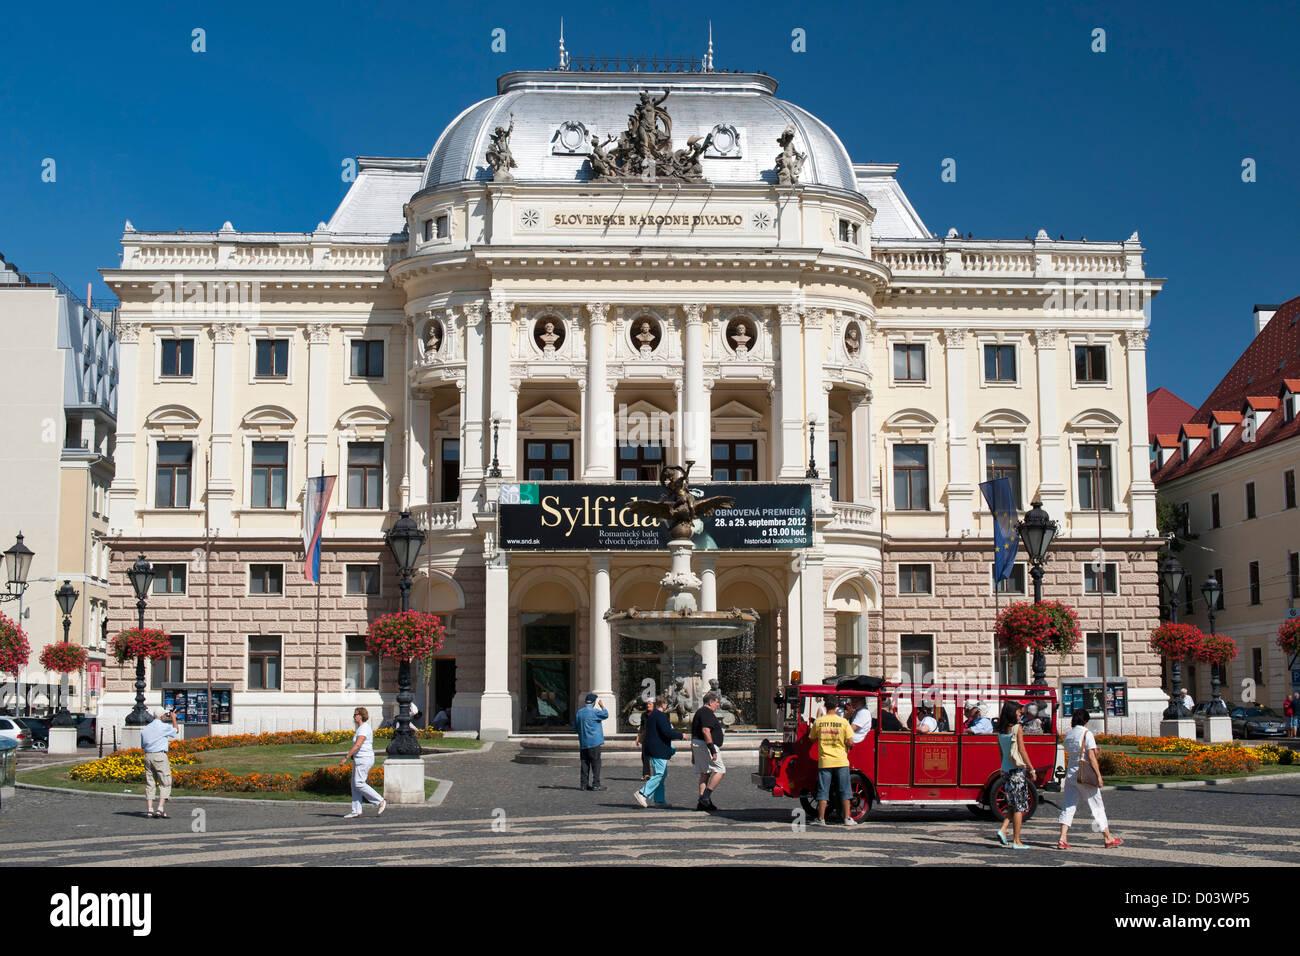 The National Theatre in Hviezdoslav Square in Bratislava, the capital of Slovakia. - Stock Image